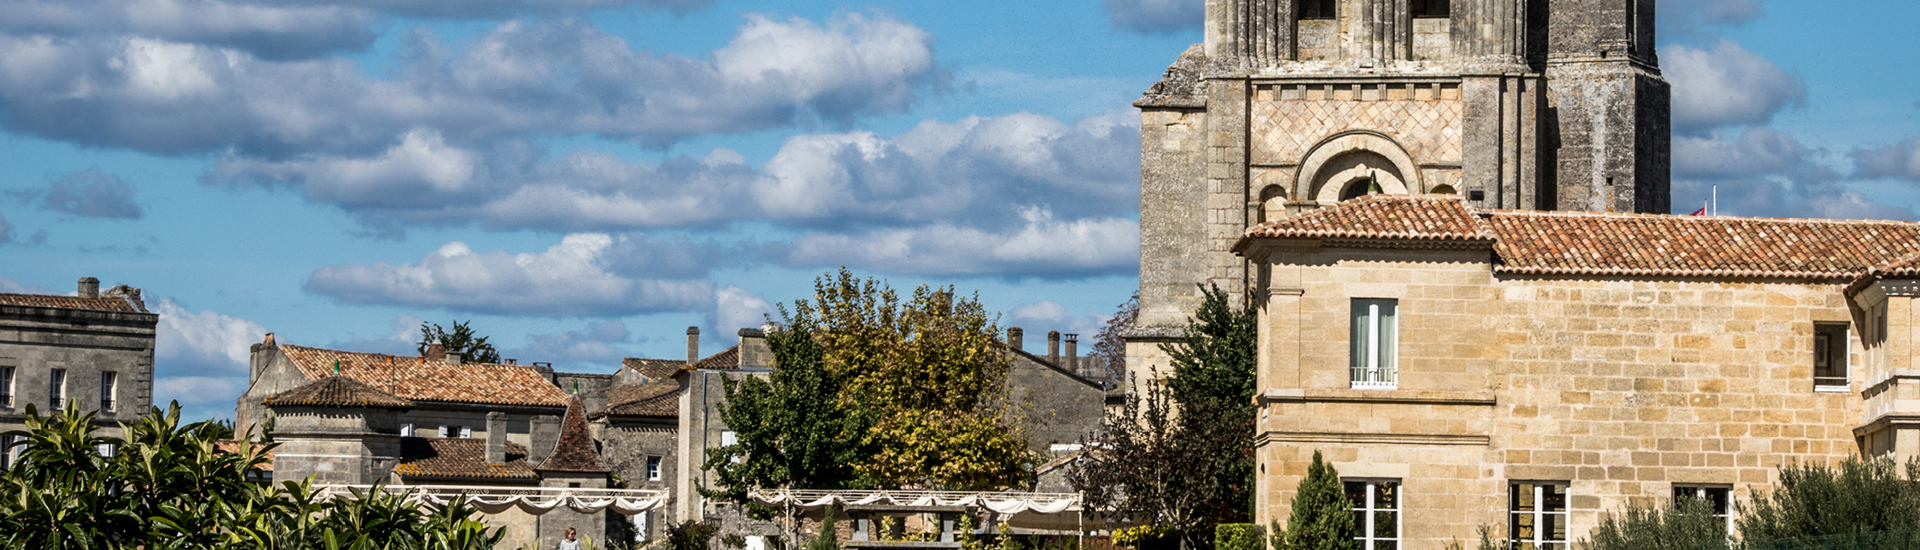 Weine - Rarität des Monats: Château Troplong Mondot 2000 11/2017 - Slider